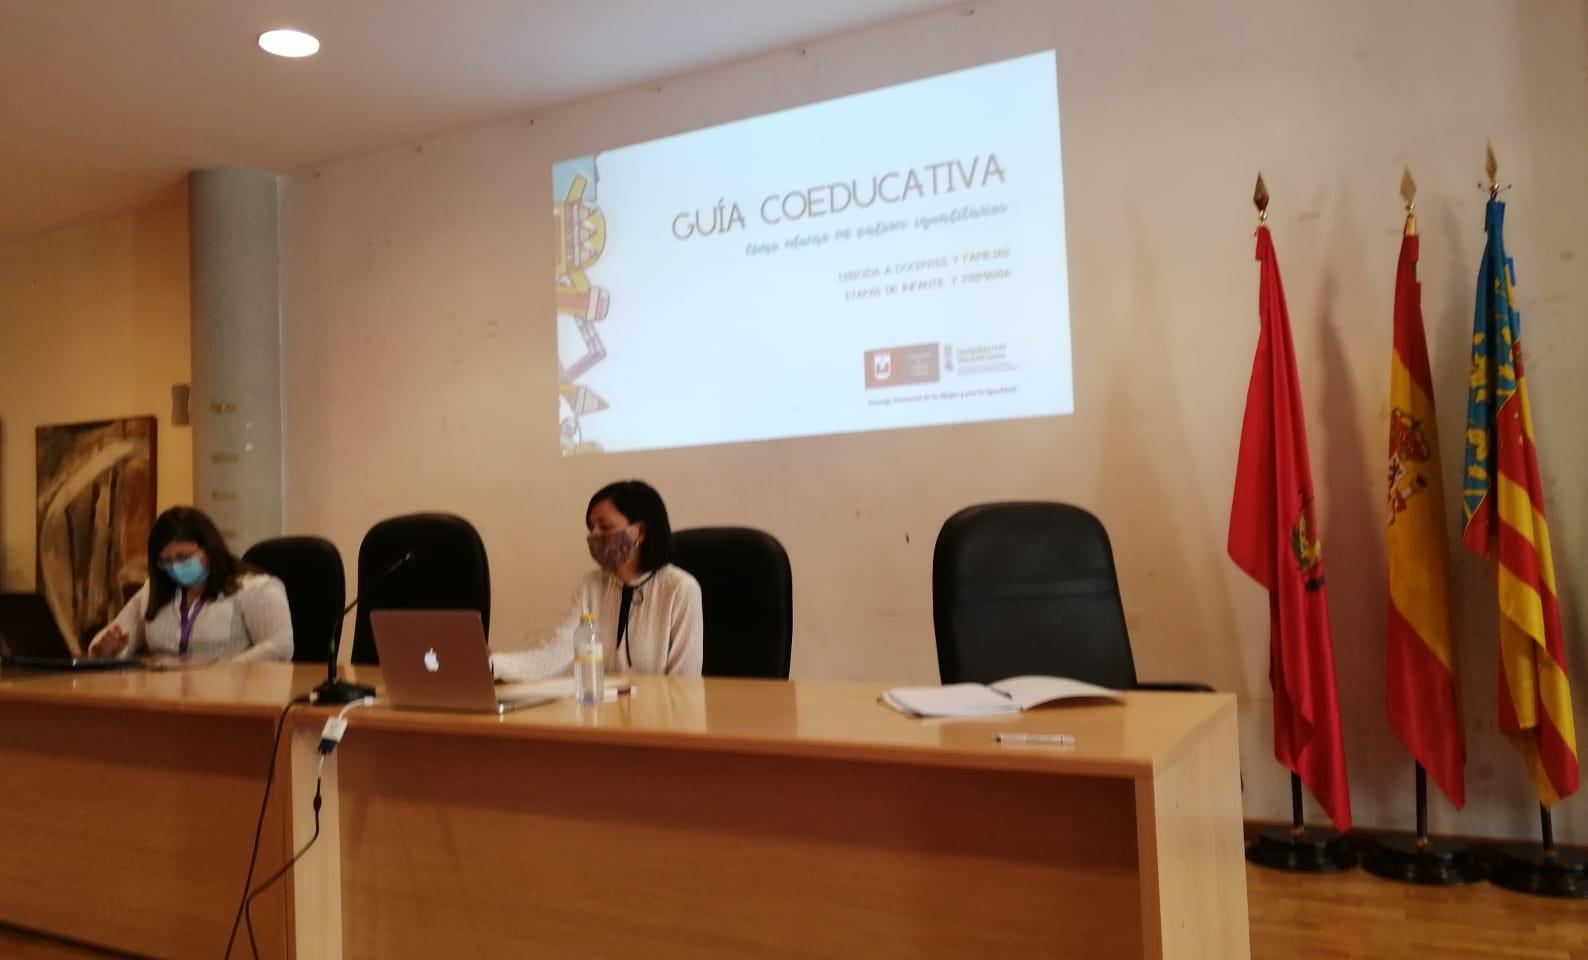 Igualdad pone en marcha la redacción de una guía para la divulgación de la coeducación en los centros públicos de Elda